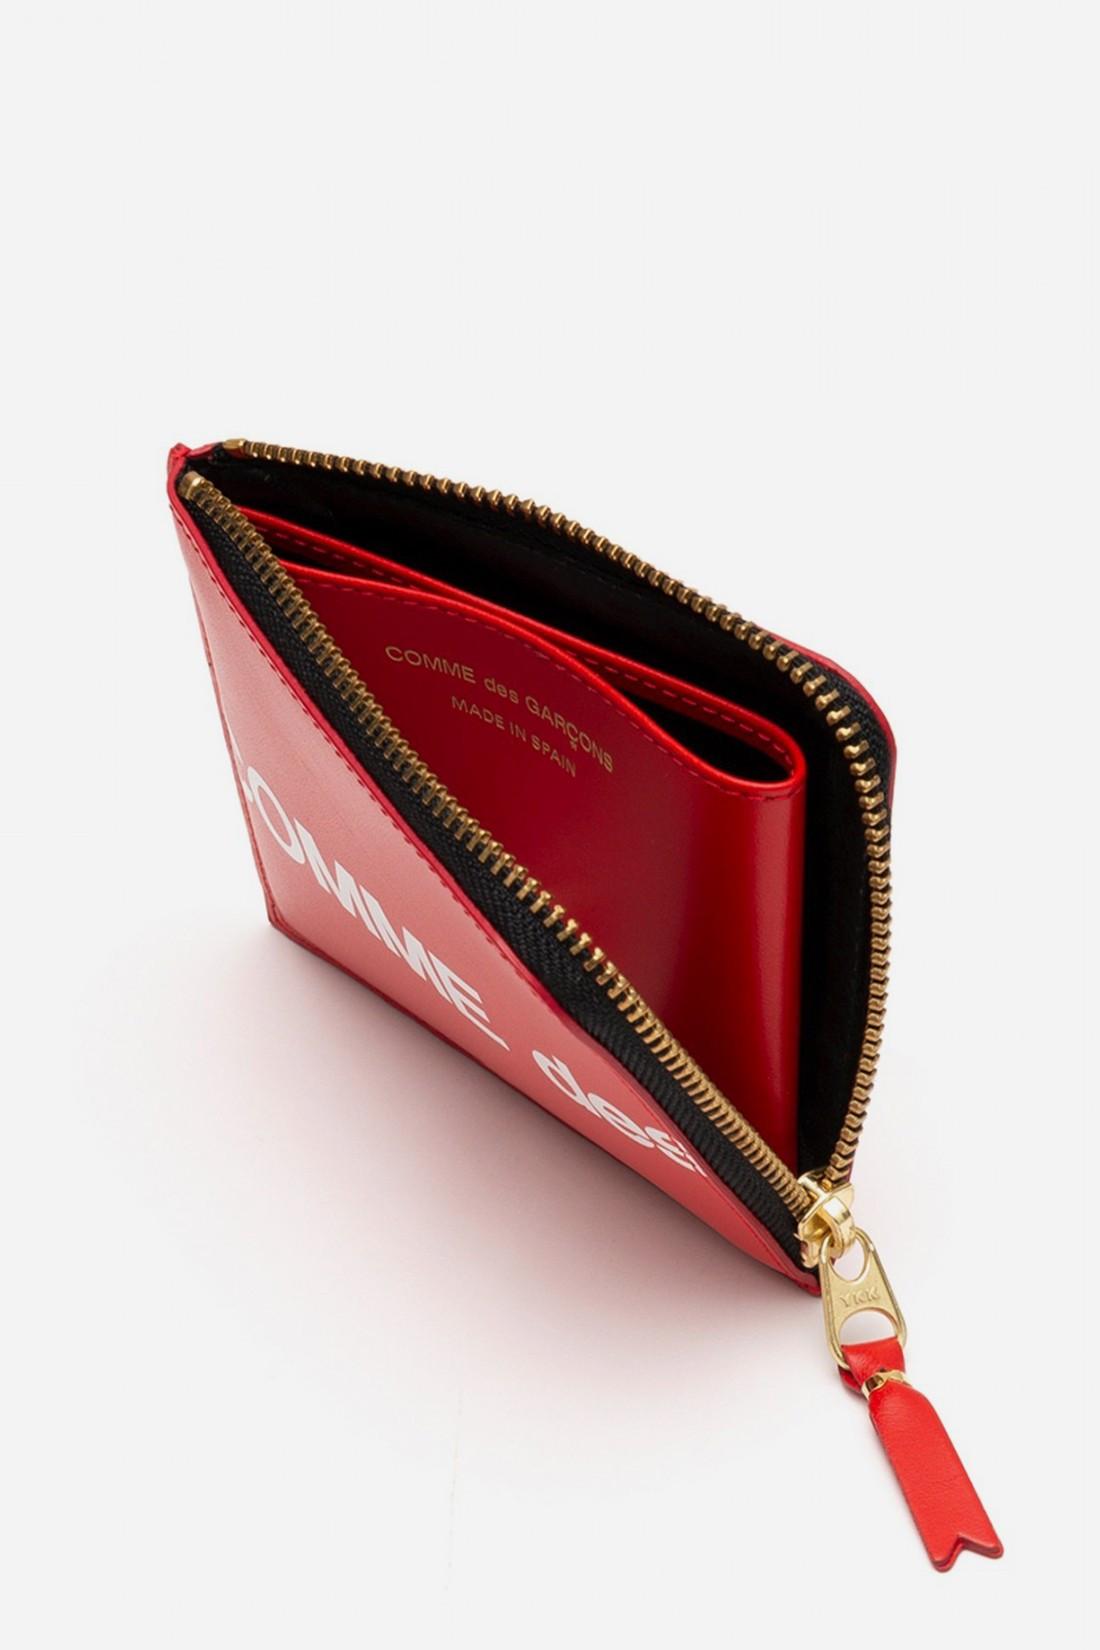 CDG WALLETS / Cdg huge logo wallet sa3100hl Red